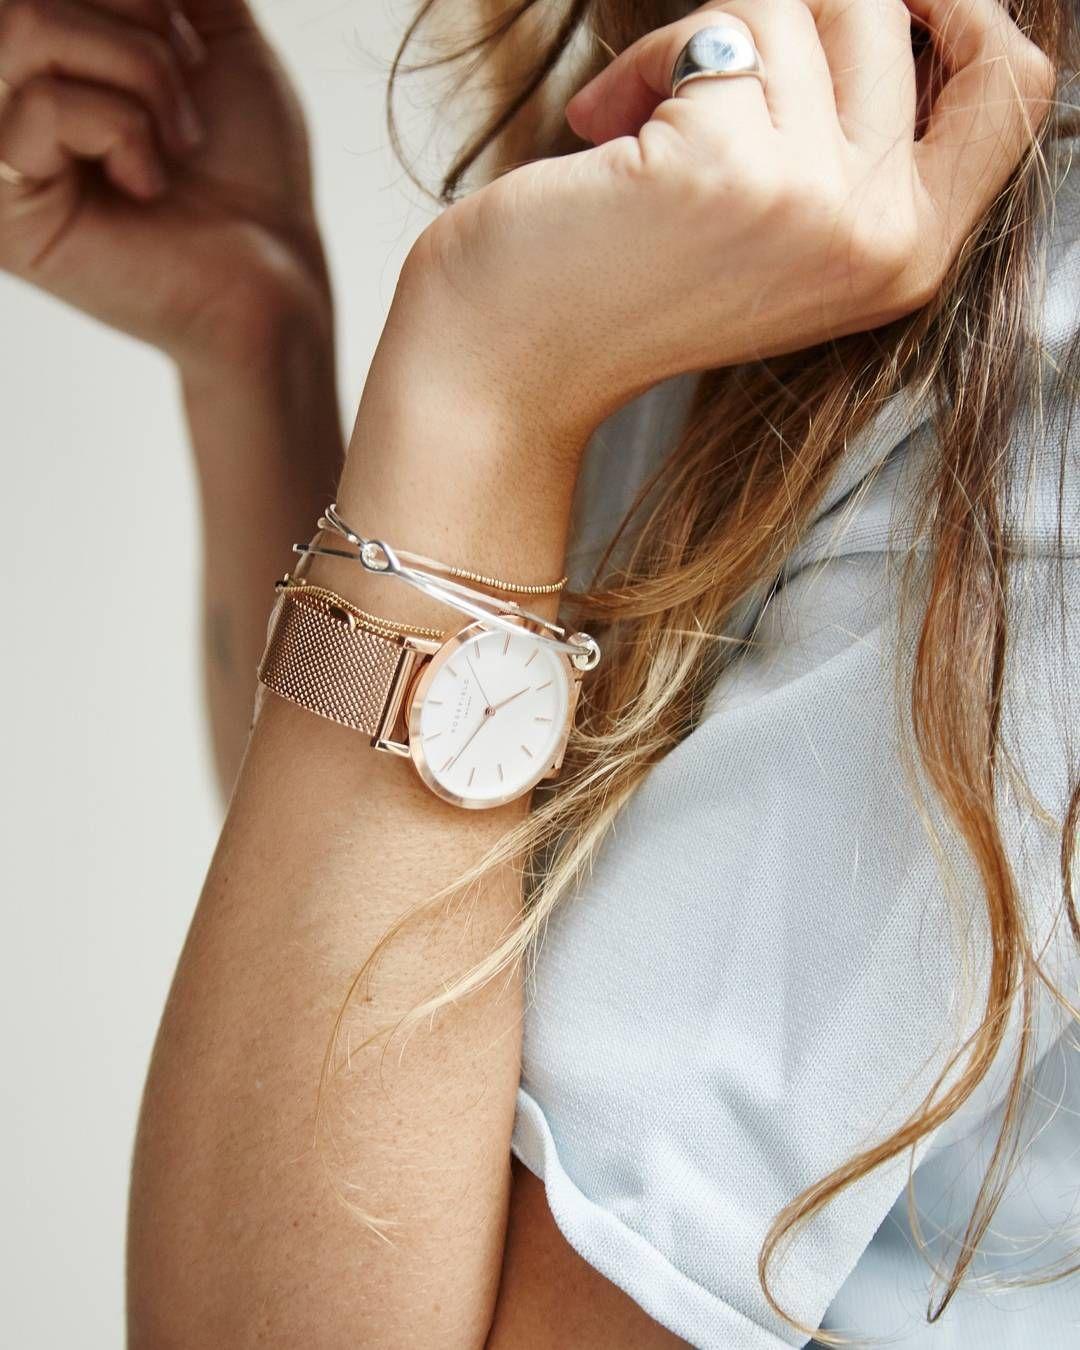 đồng hồ phụ kiện cho phụ nữ tuổi 30 rosefield 2